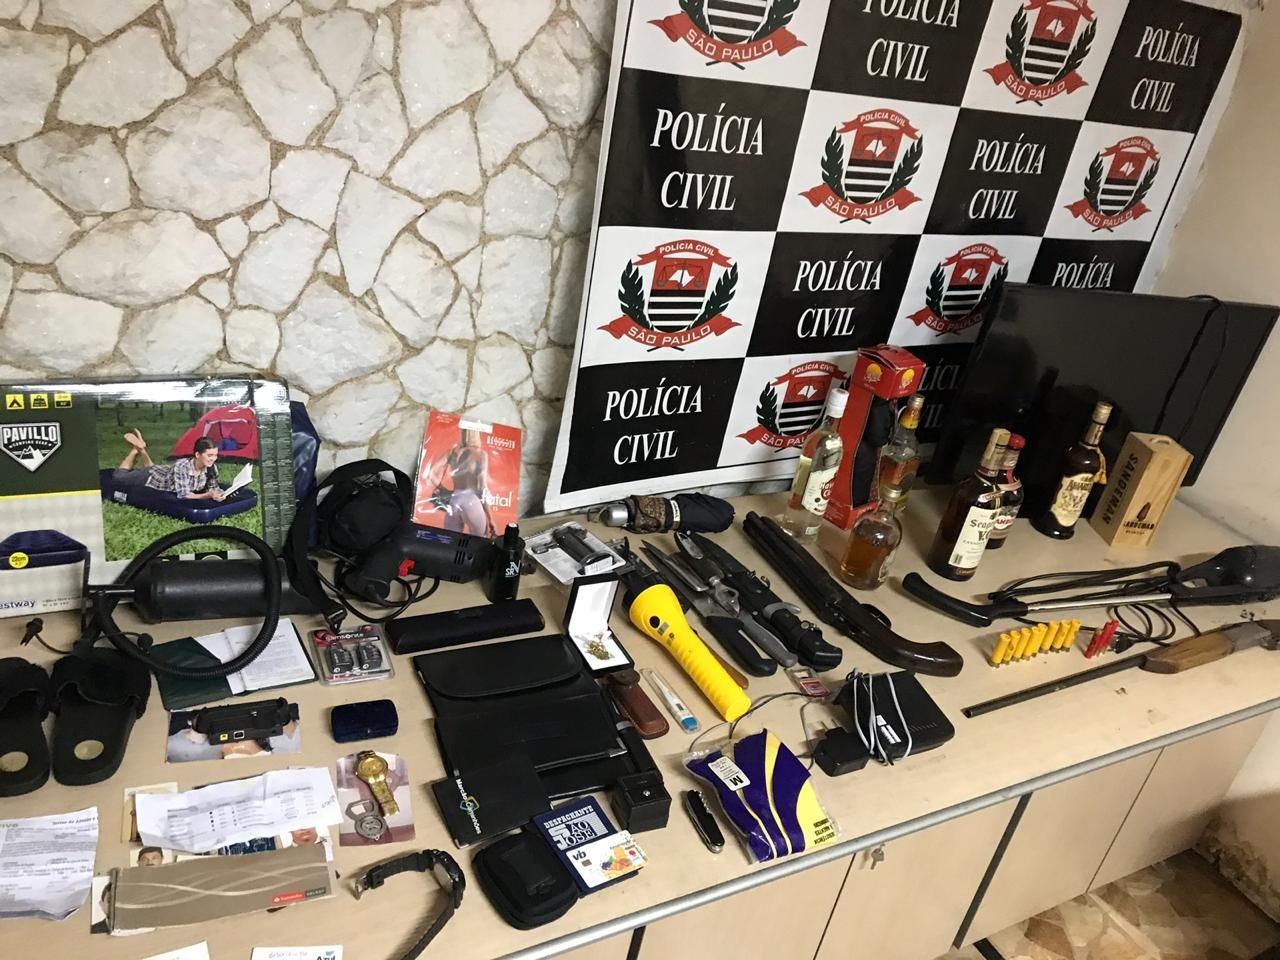 DIG prende três suspeitos de amarrar idosa e roubar casa em Piracicaba - Notícias - Plantão Diário